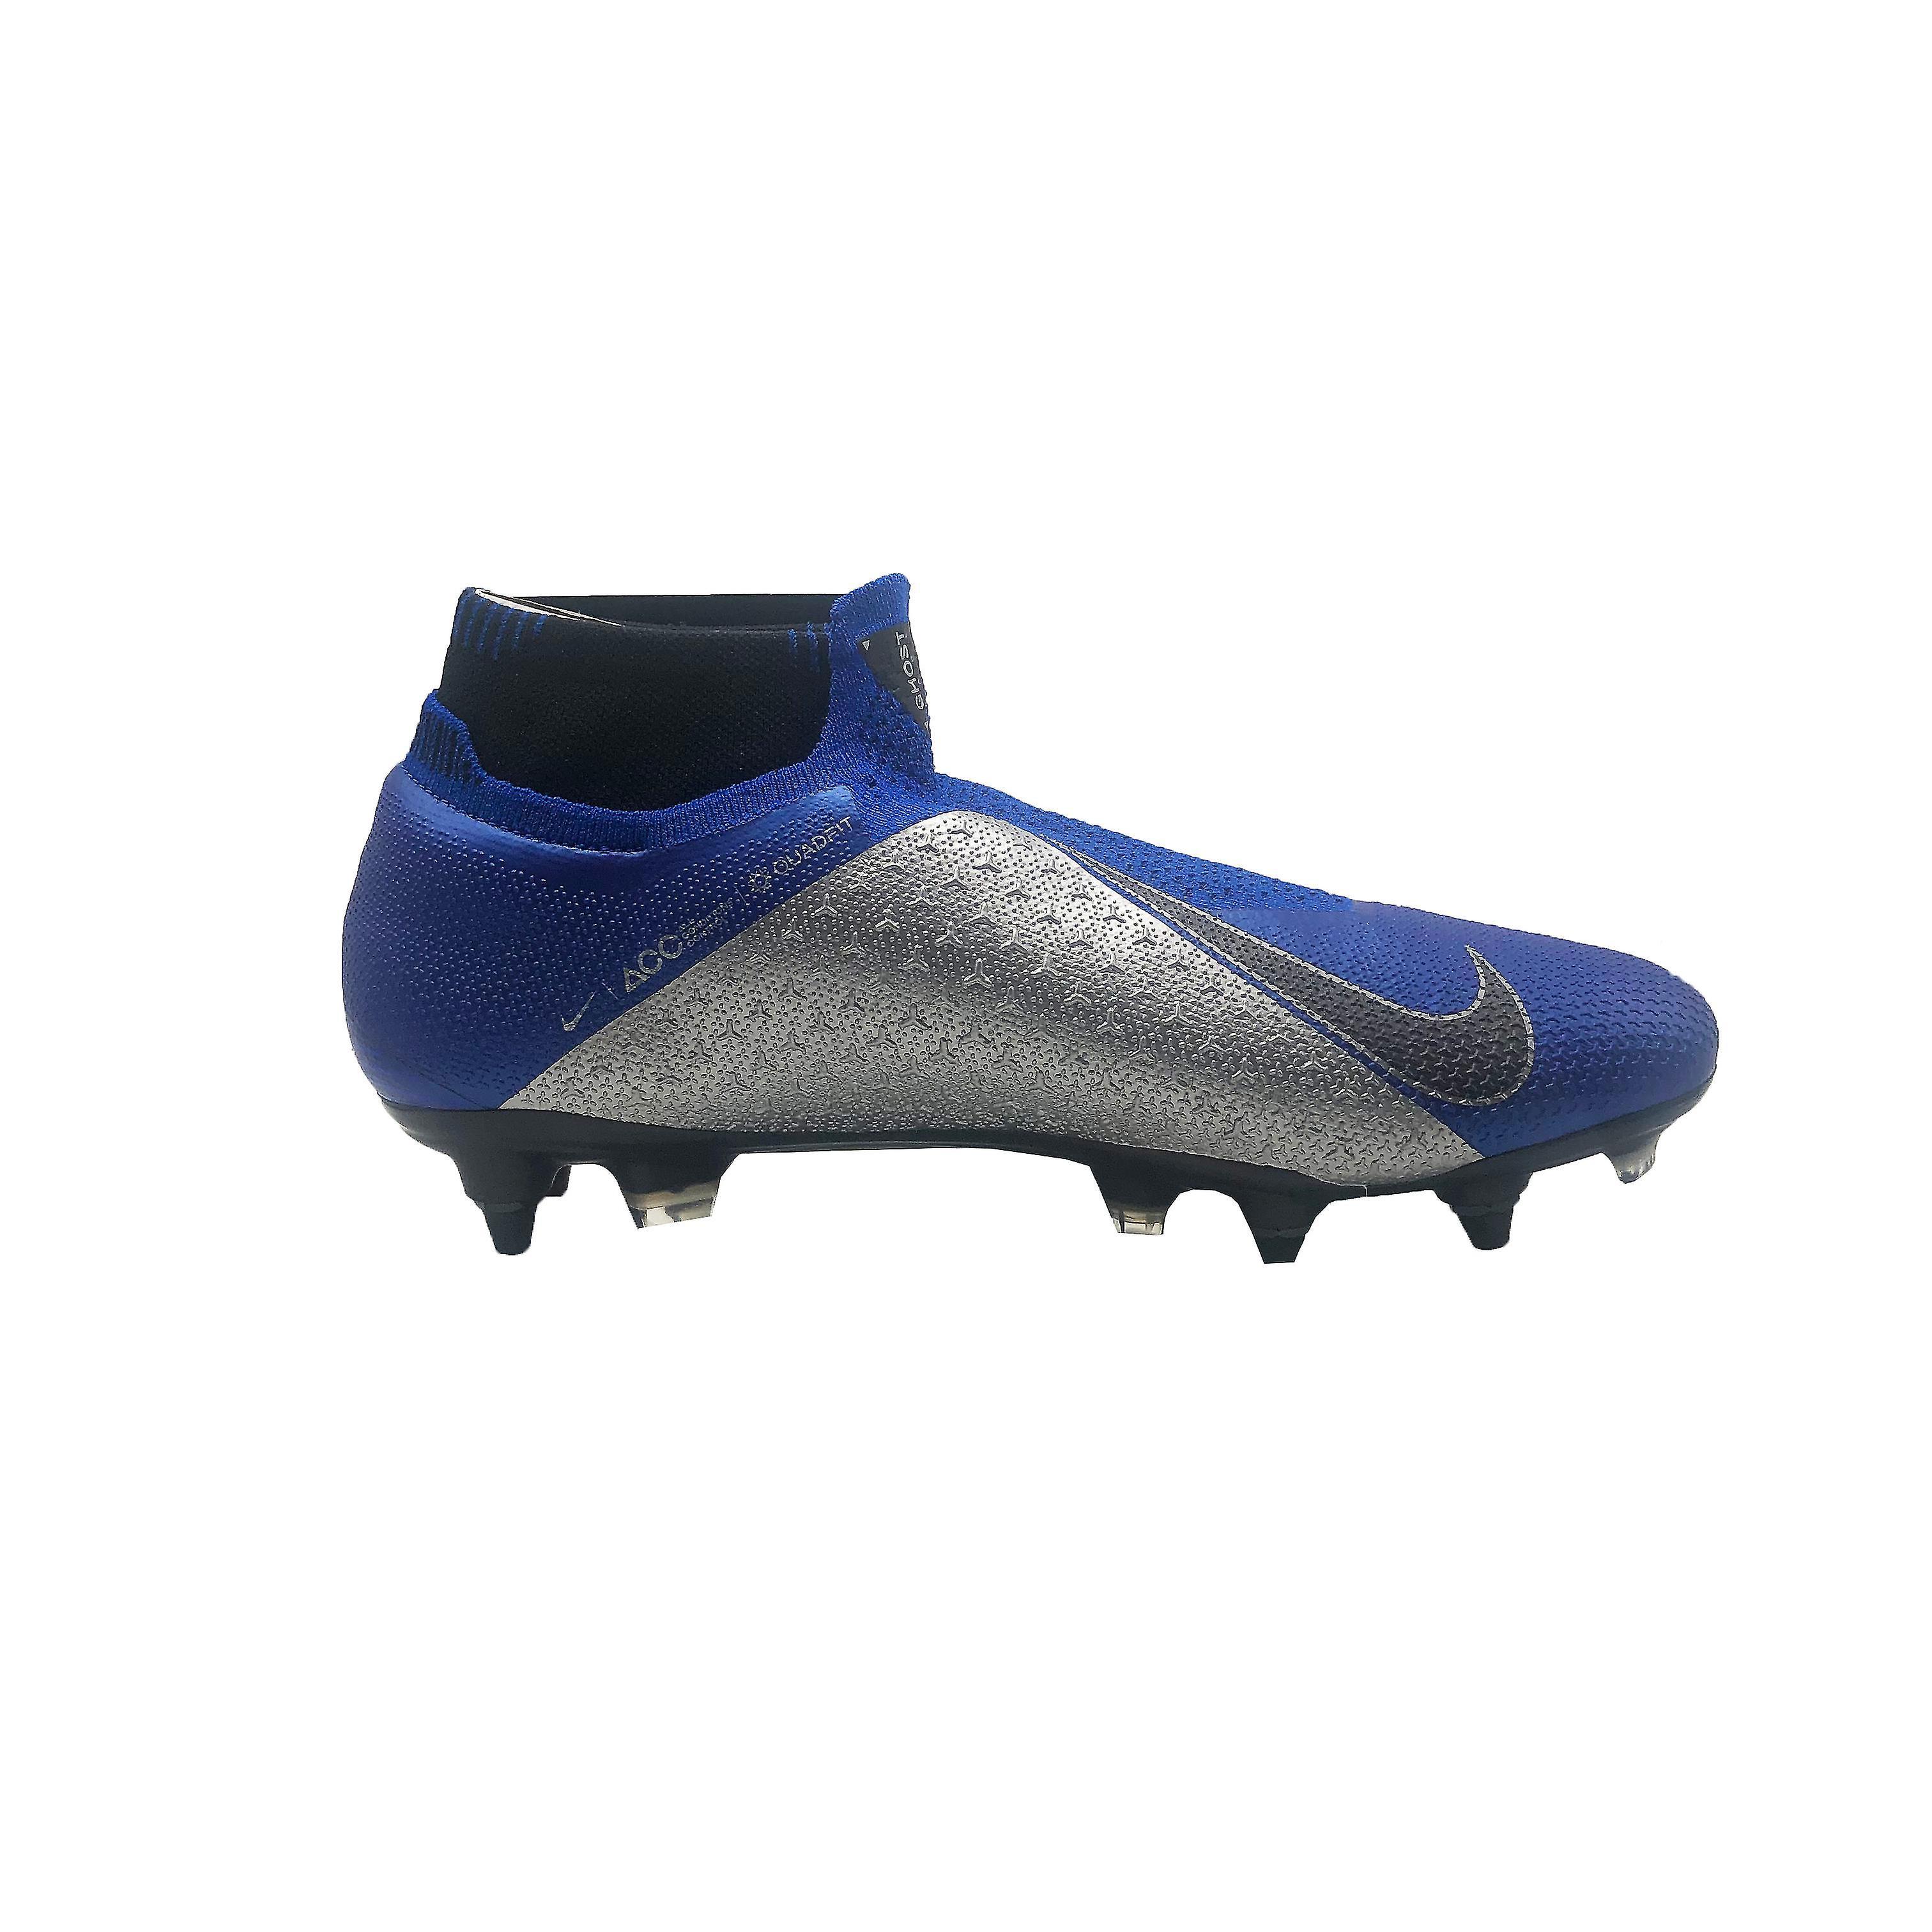 Nike Phantom VSN Elite DF SG-Pro AC AO3264 400 mens fotbollsskor